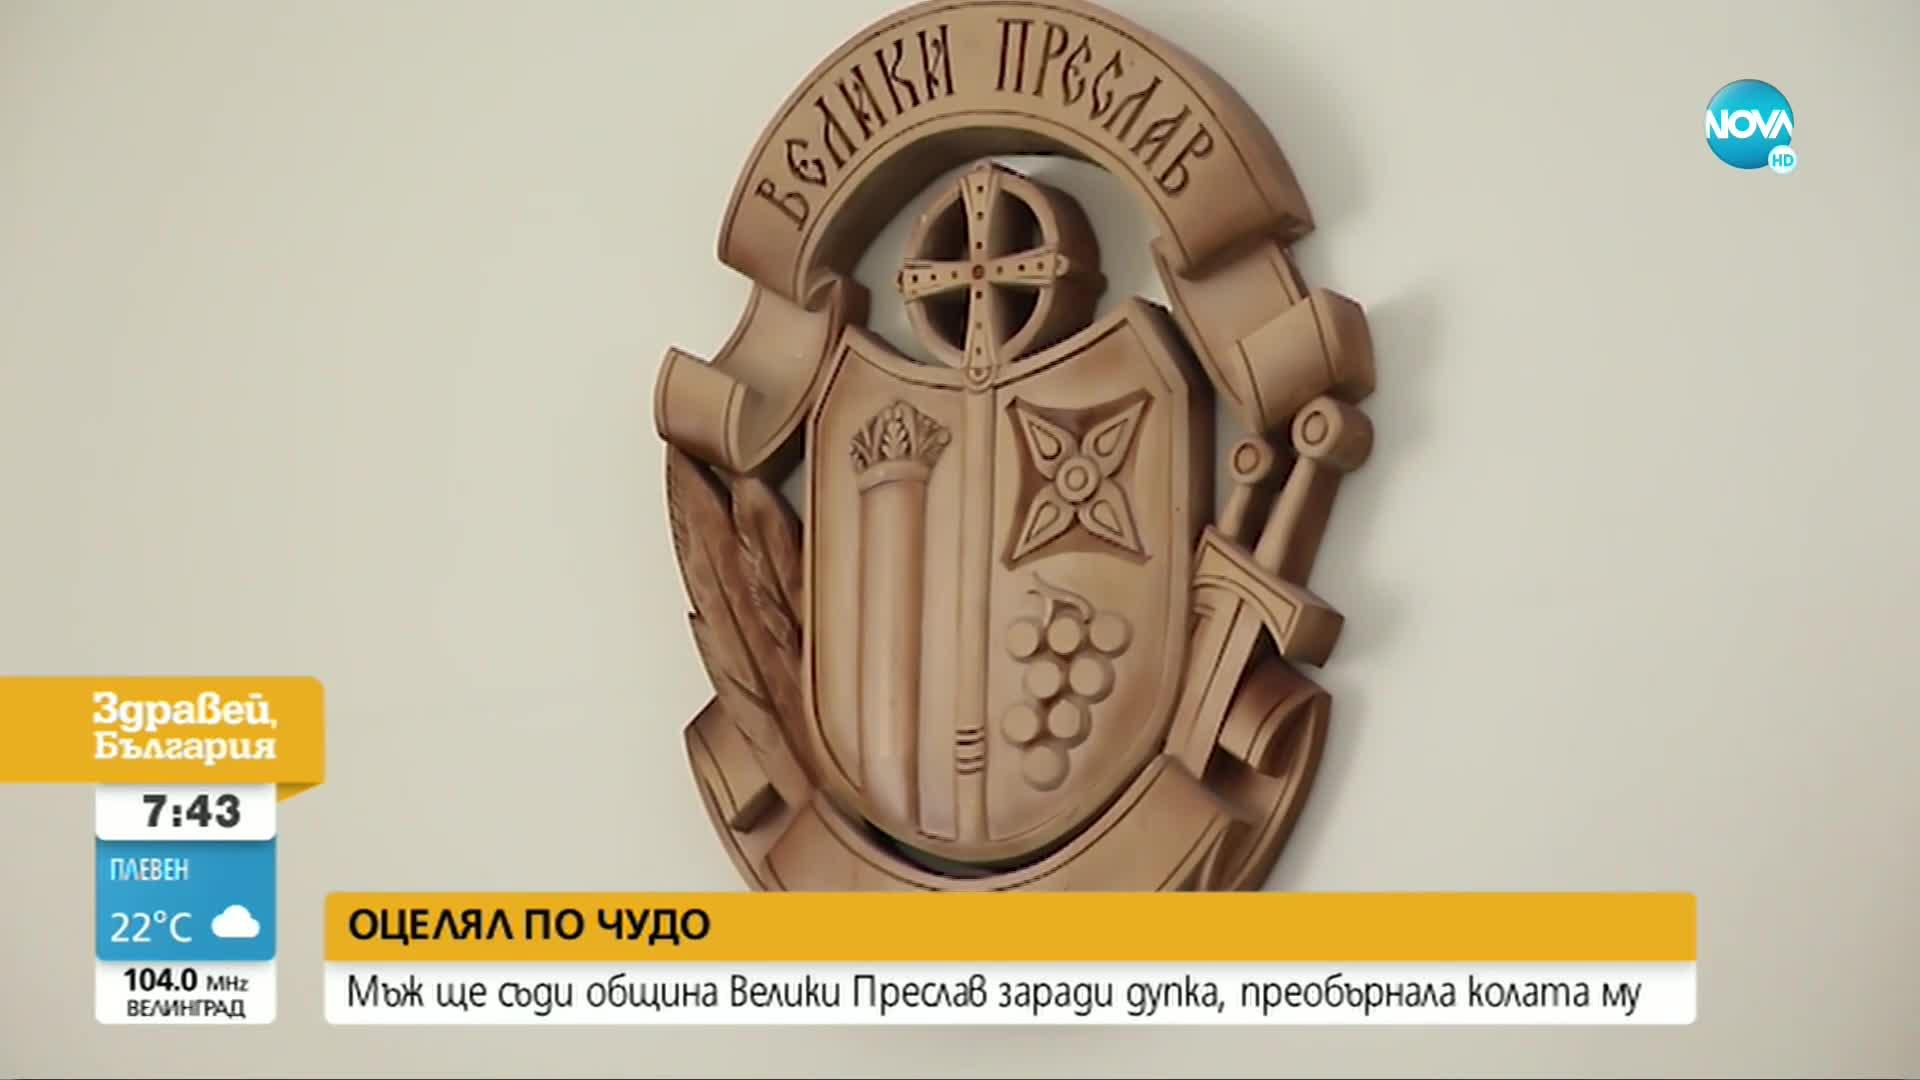 Мъж, оцелял по чудо след катастрофа, ще съди община Велики Преслав заради дупка